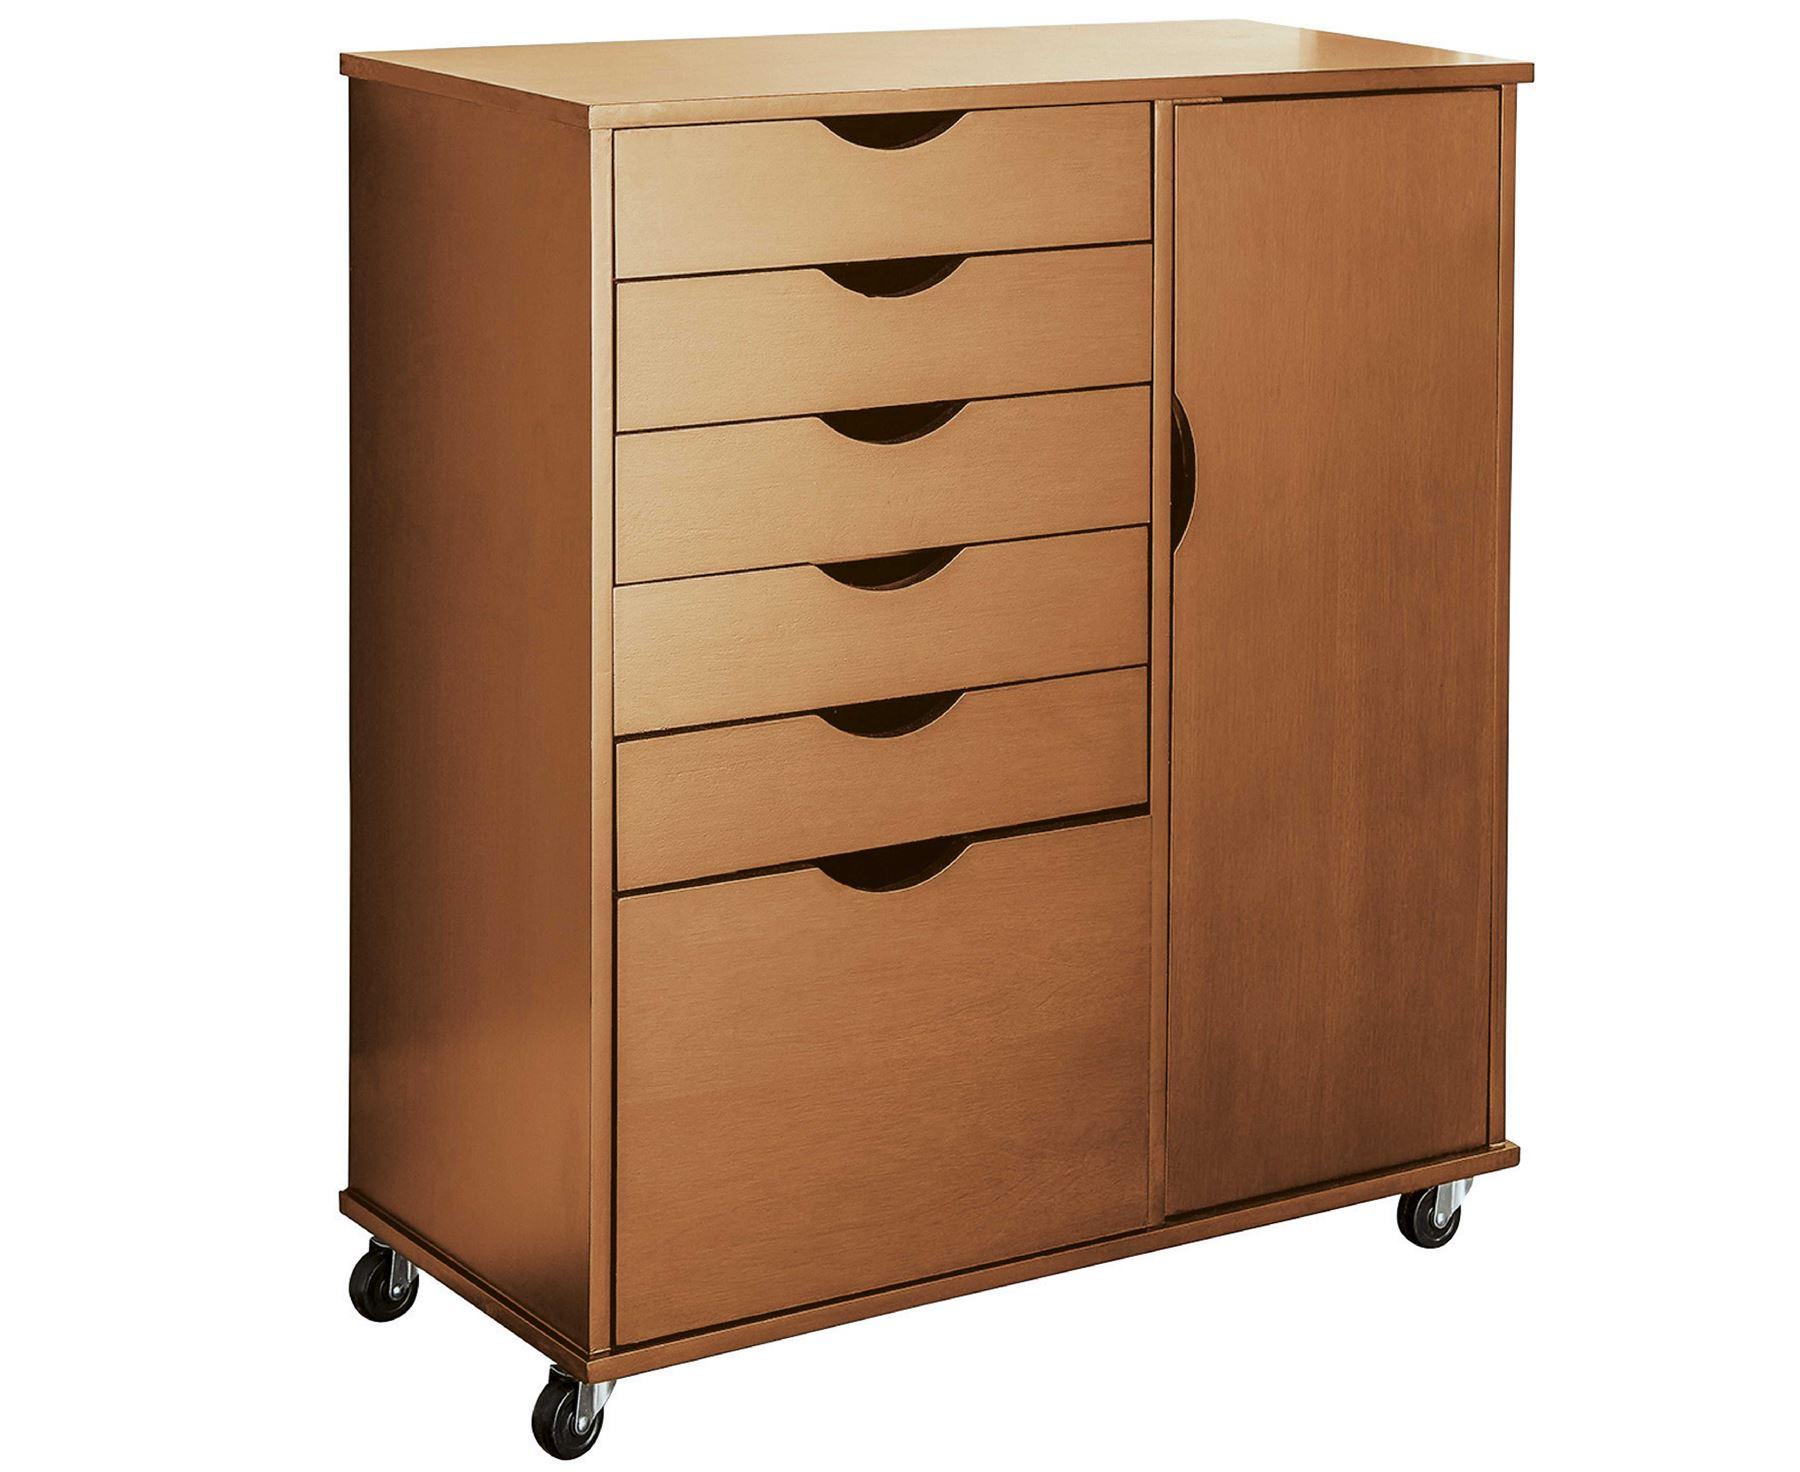 31 fantastic office storage drawers wood. Black Bedroom Furniture Sets. Home Design Ideas